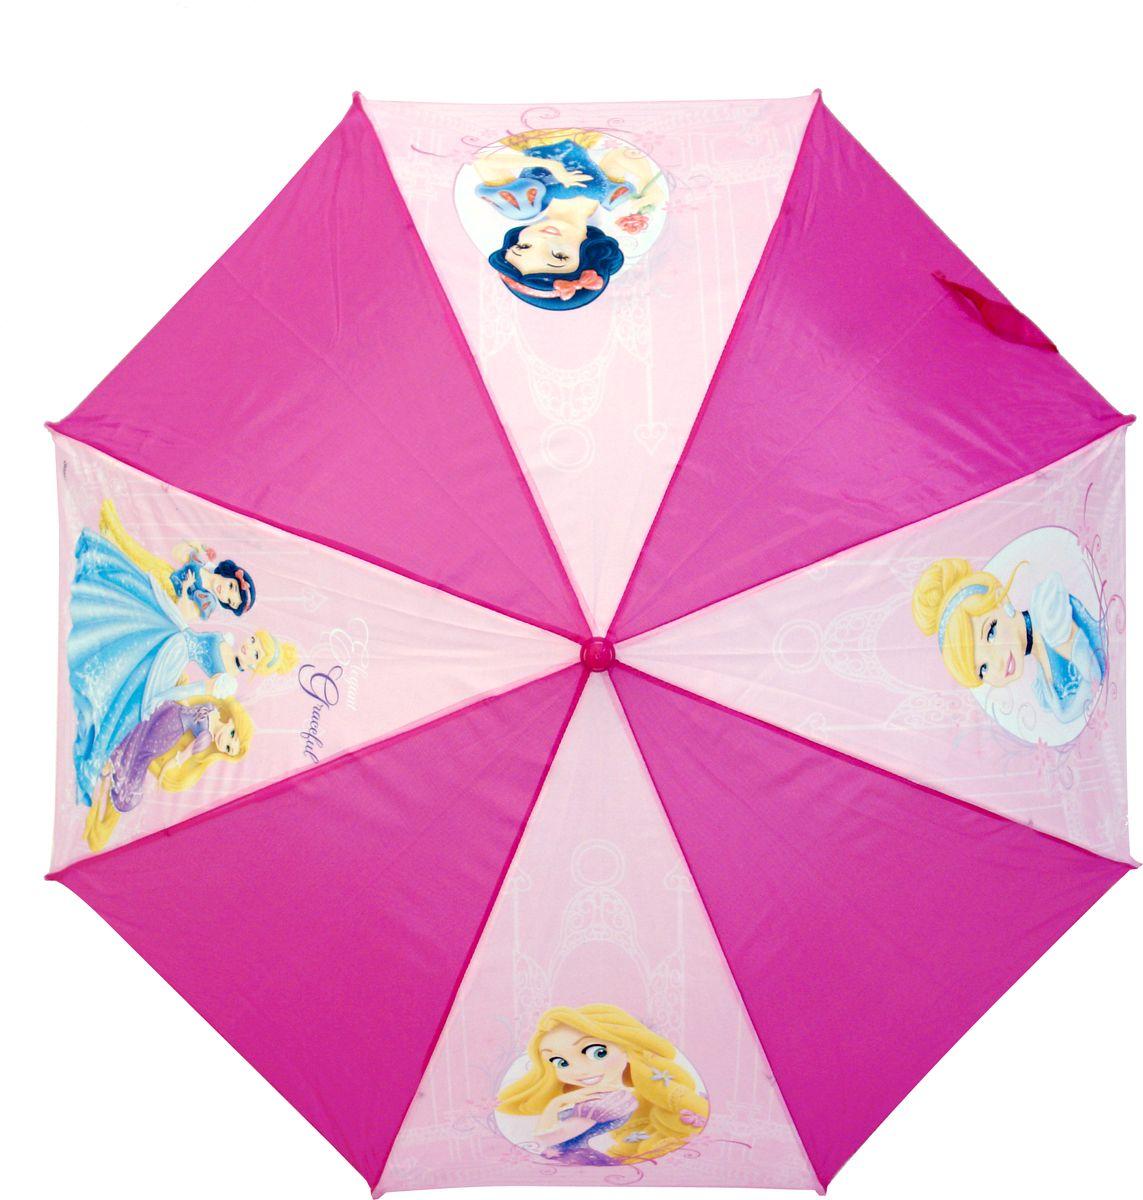 Зонт для девочки Disney Princess, цвет: фиолетовый. 34443444_фиолетовыйКомпактный детский зонтик-трость станет замечательным подарком для Вашего чада и защитит его не только от дождя, но и от солнца. Красочный дизайн зонтика поднимет настроение и станет незаменимым атрибутом прогулки. Ребенок сможет сам открывать и закрывать зонтик, благодаря легкому механизму, а оригинальная расцветка зонтика привлечет к себе внимание. Тип механизма: автоматический (открывается автом/закрывается вручную). Конструкция зонта: зонт-трость. Материал: пластик, полиэстер, металл.